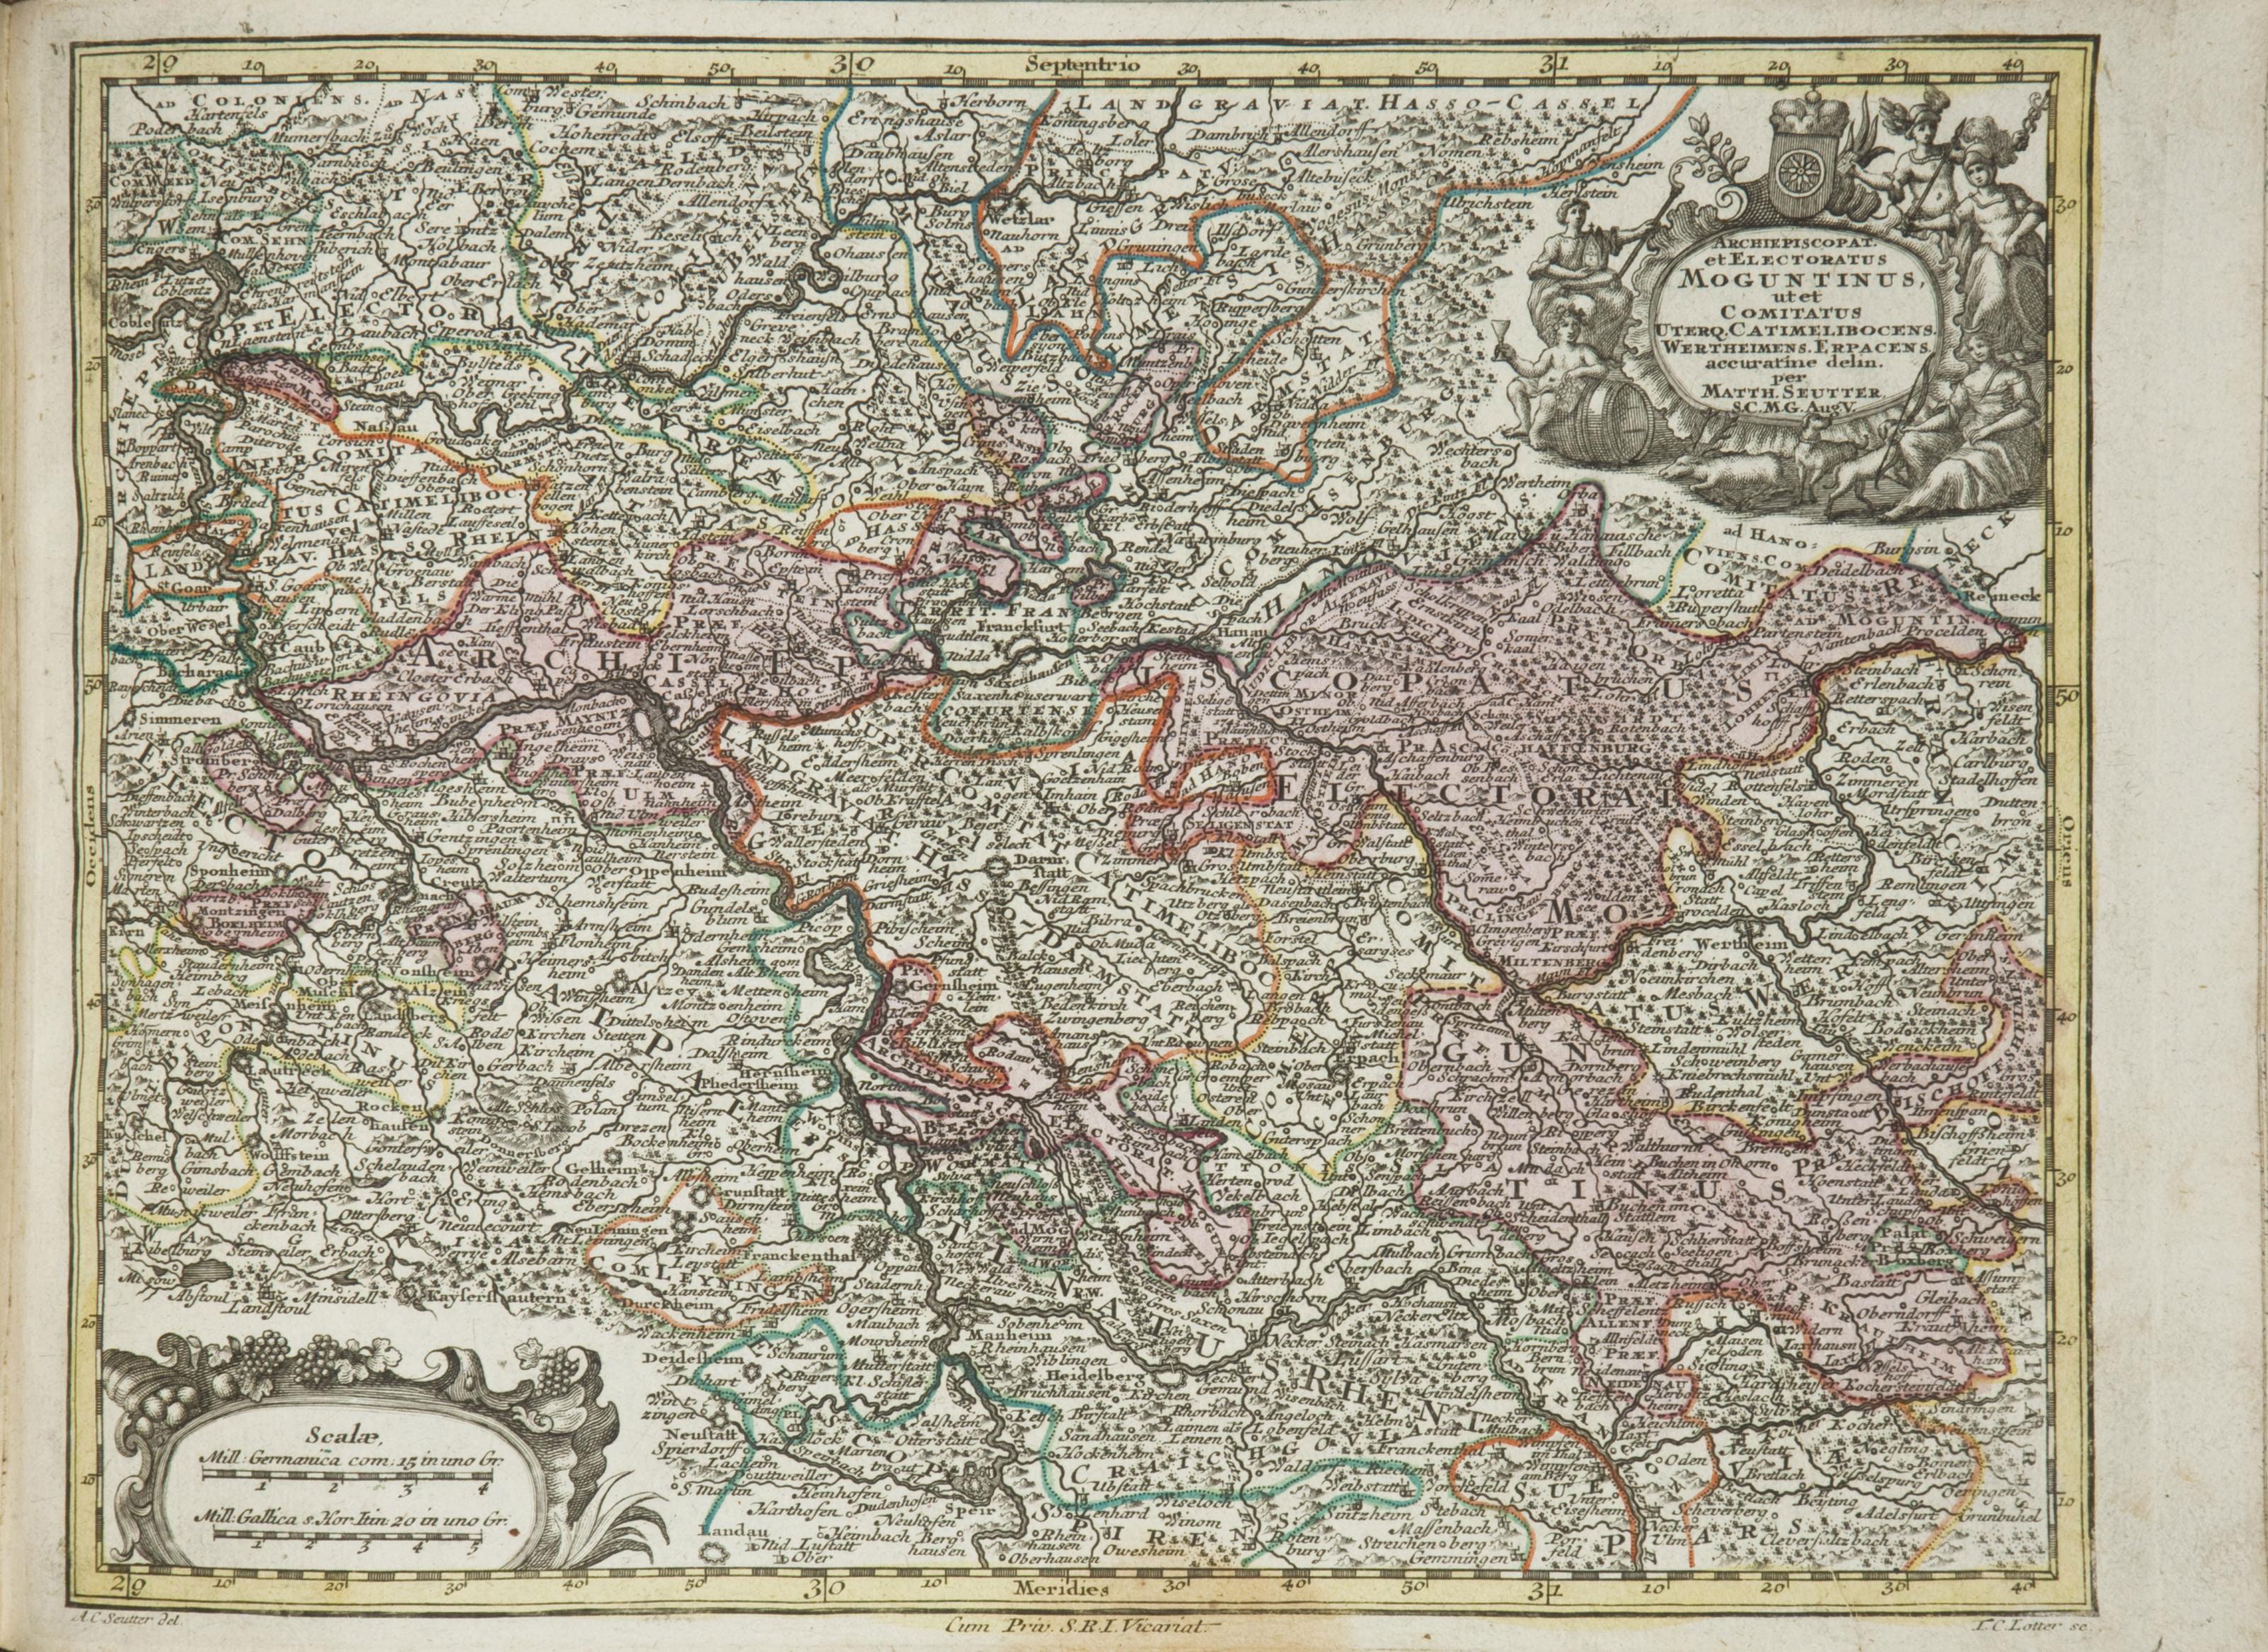 SEUTTER, Matthias (1685-1757). Atlas minor praecipua Terrarum Imperia, Regna et Provincias, Germaniae potissimum, tabellis 66. Augsbourg: Matthias Seutter [1744?].